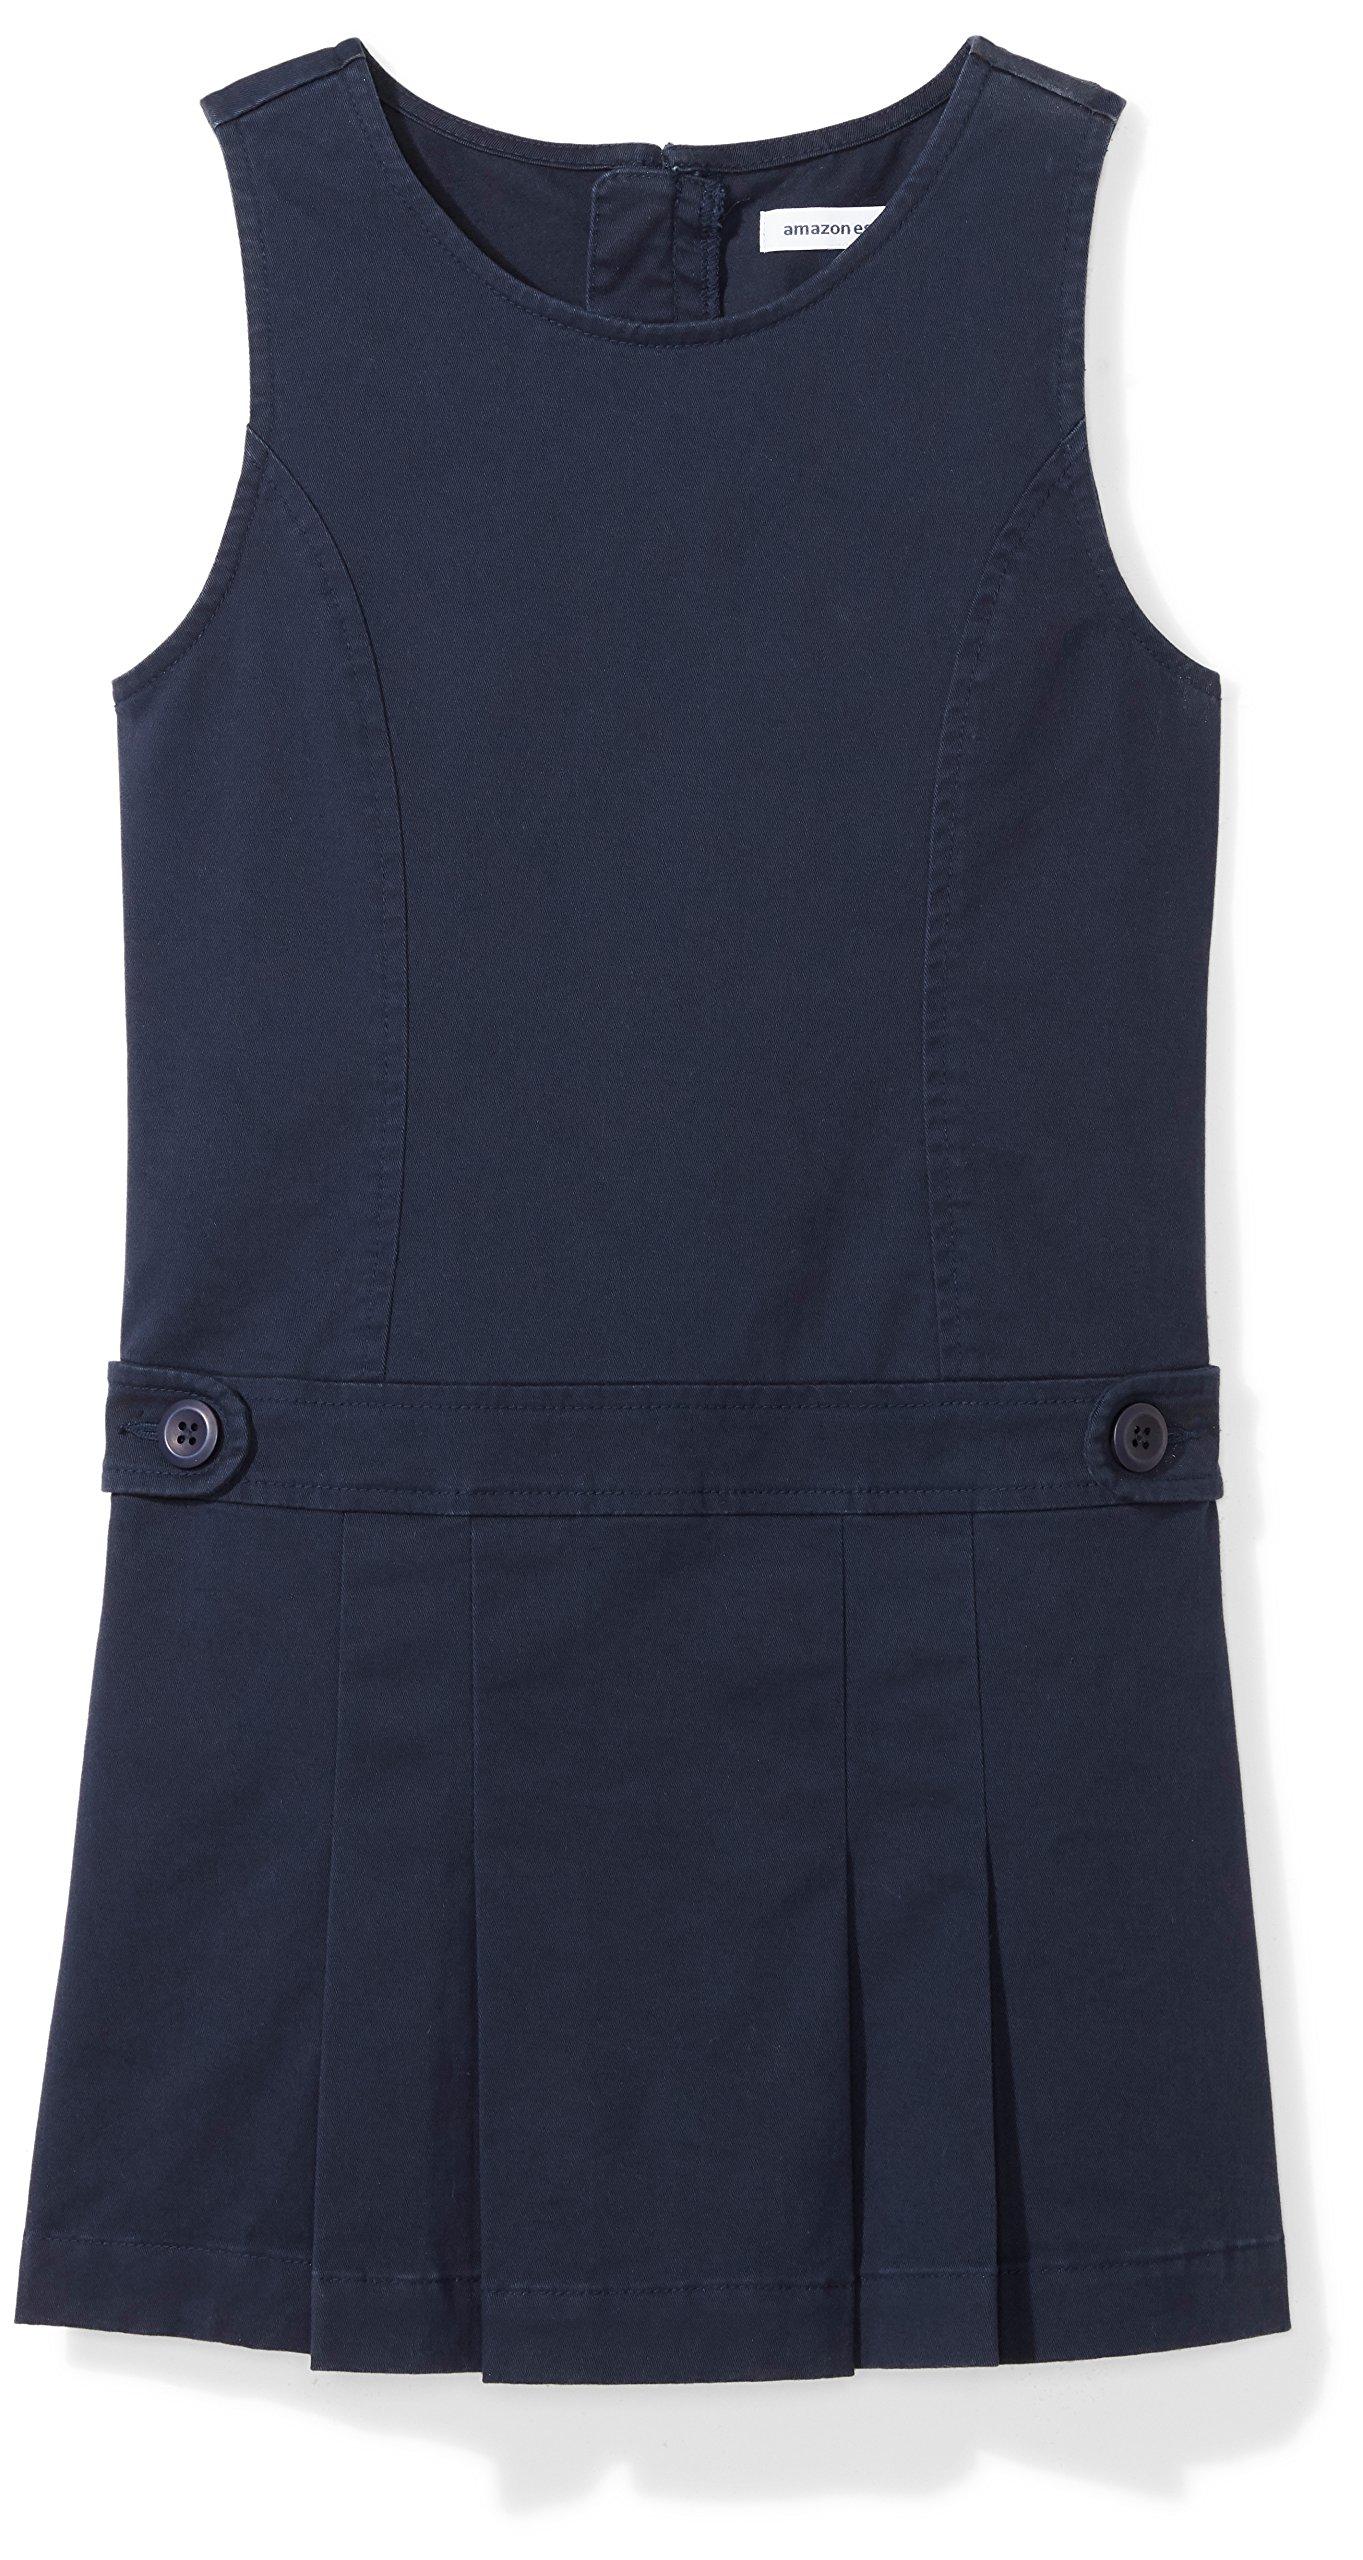 Amazon Essentials Girls' Uniform Jumper, Navy Blazer, M (8)